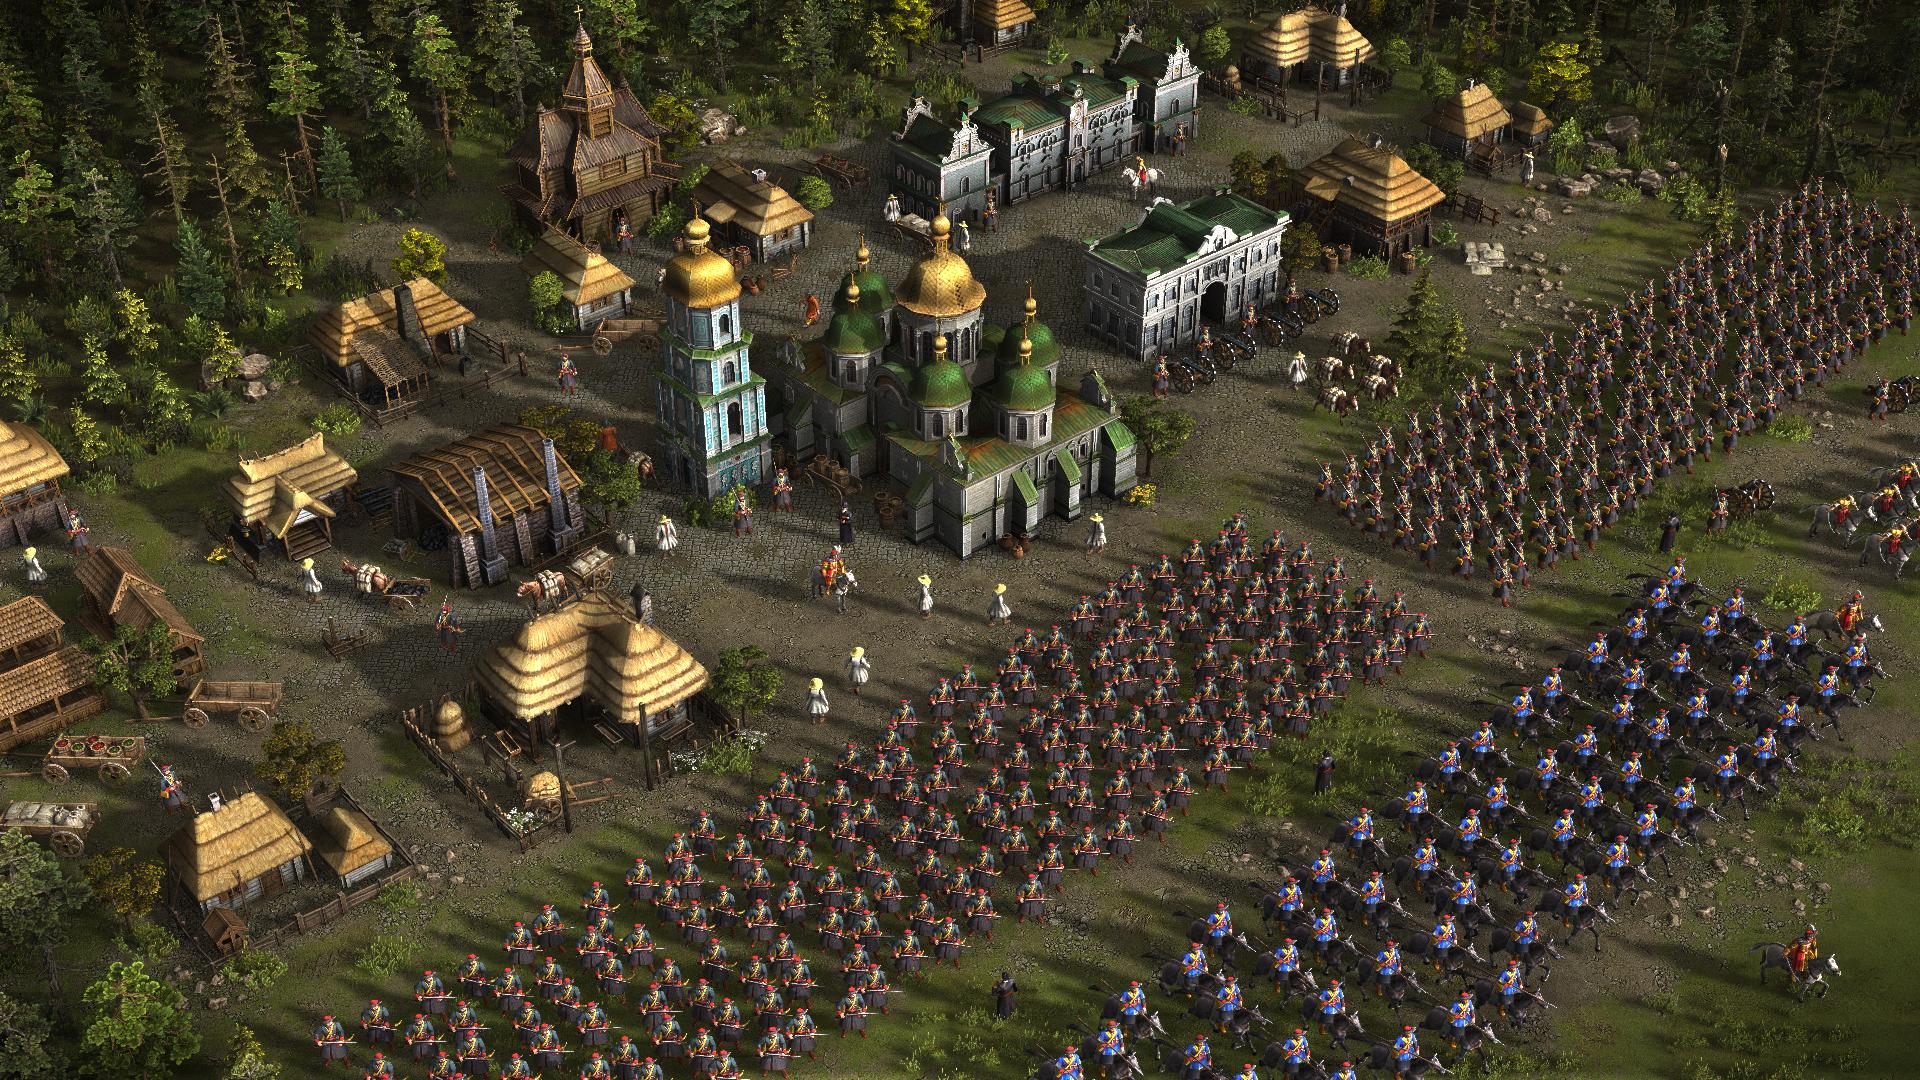 GSC Game World returns for Cossacks 3